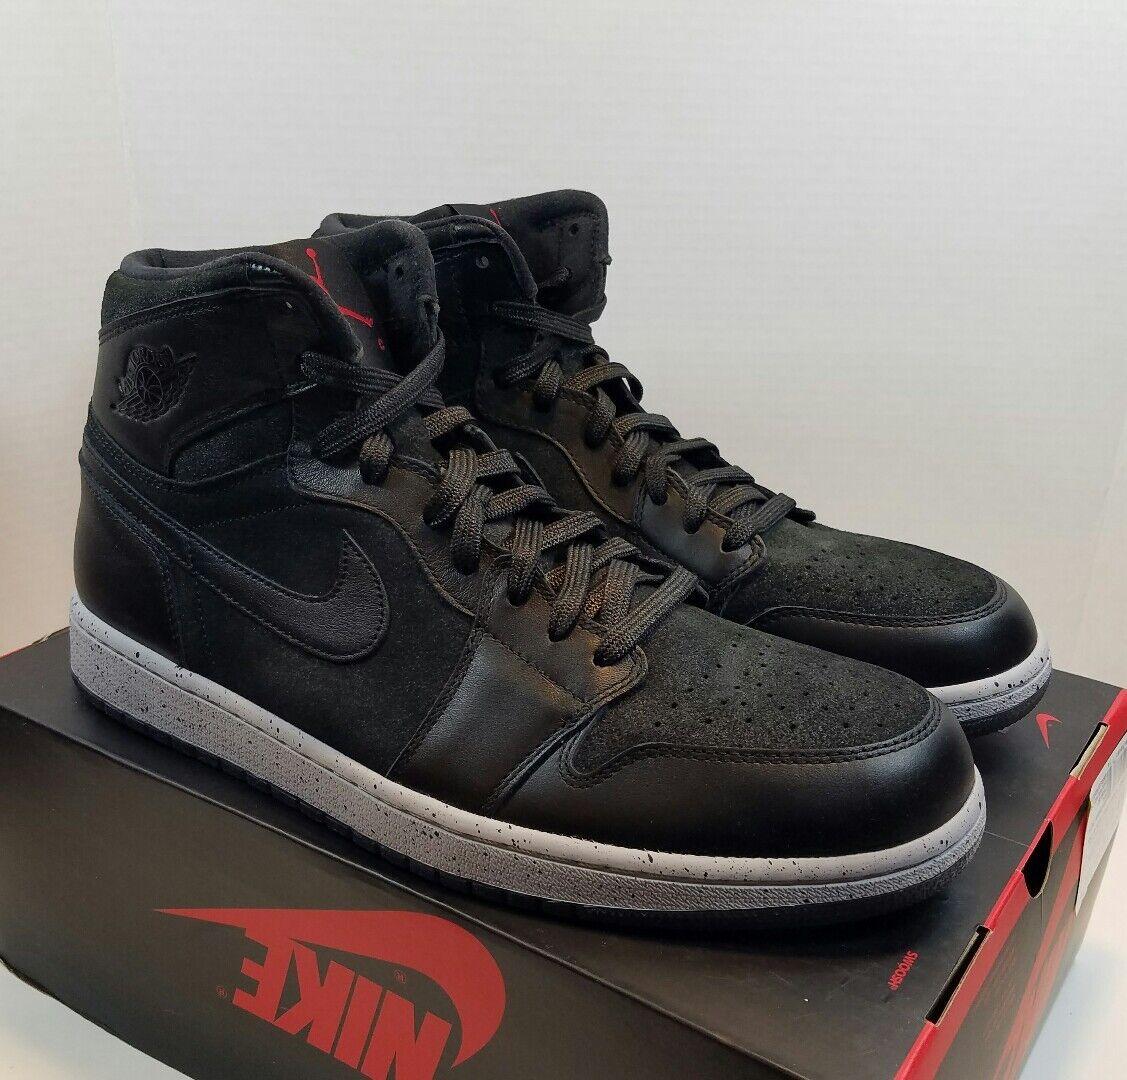 Nike Air Jordan 1 Retro High NYC 23NY 715060-002 Size 12 13 14  PSNY